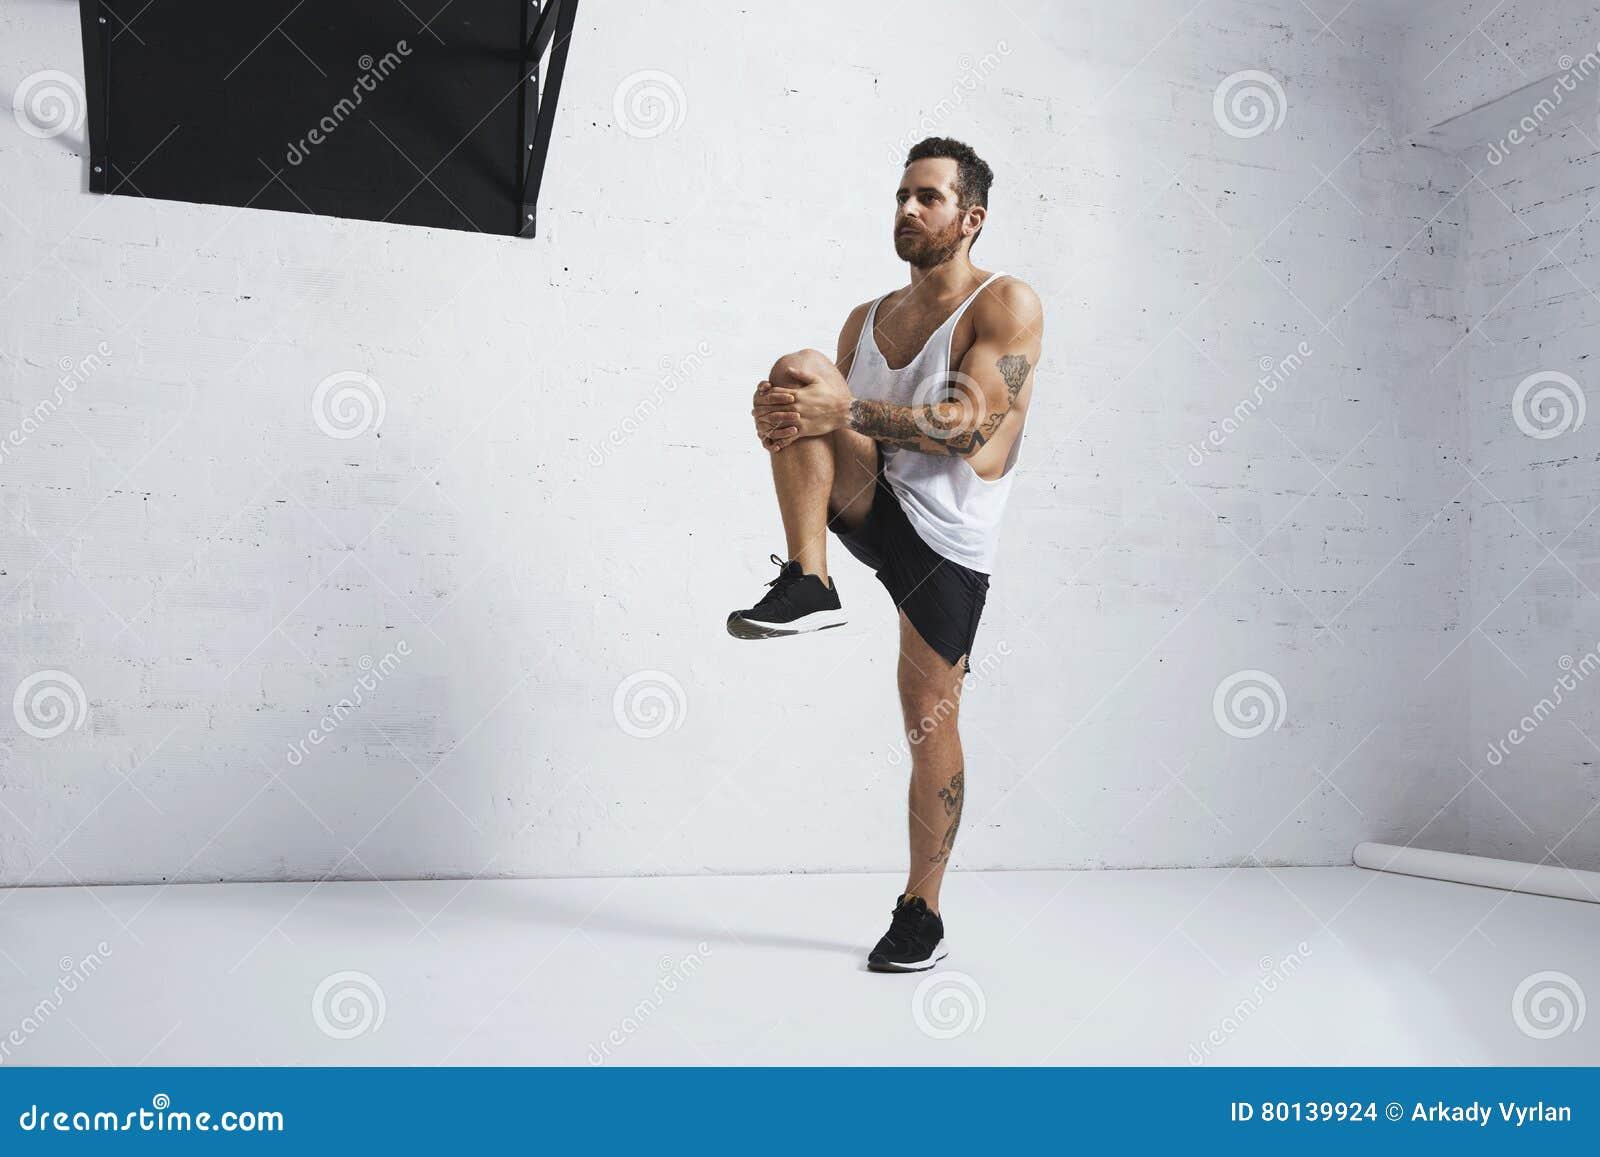 Calisthenic And Bodyweight Exercises Stock Photo - Image of